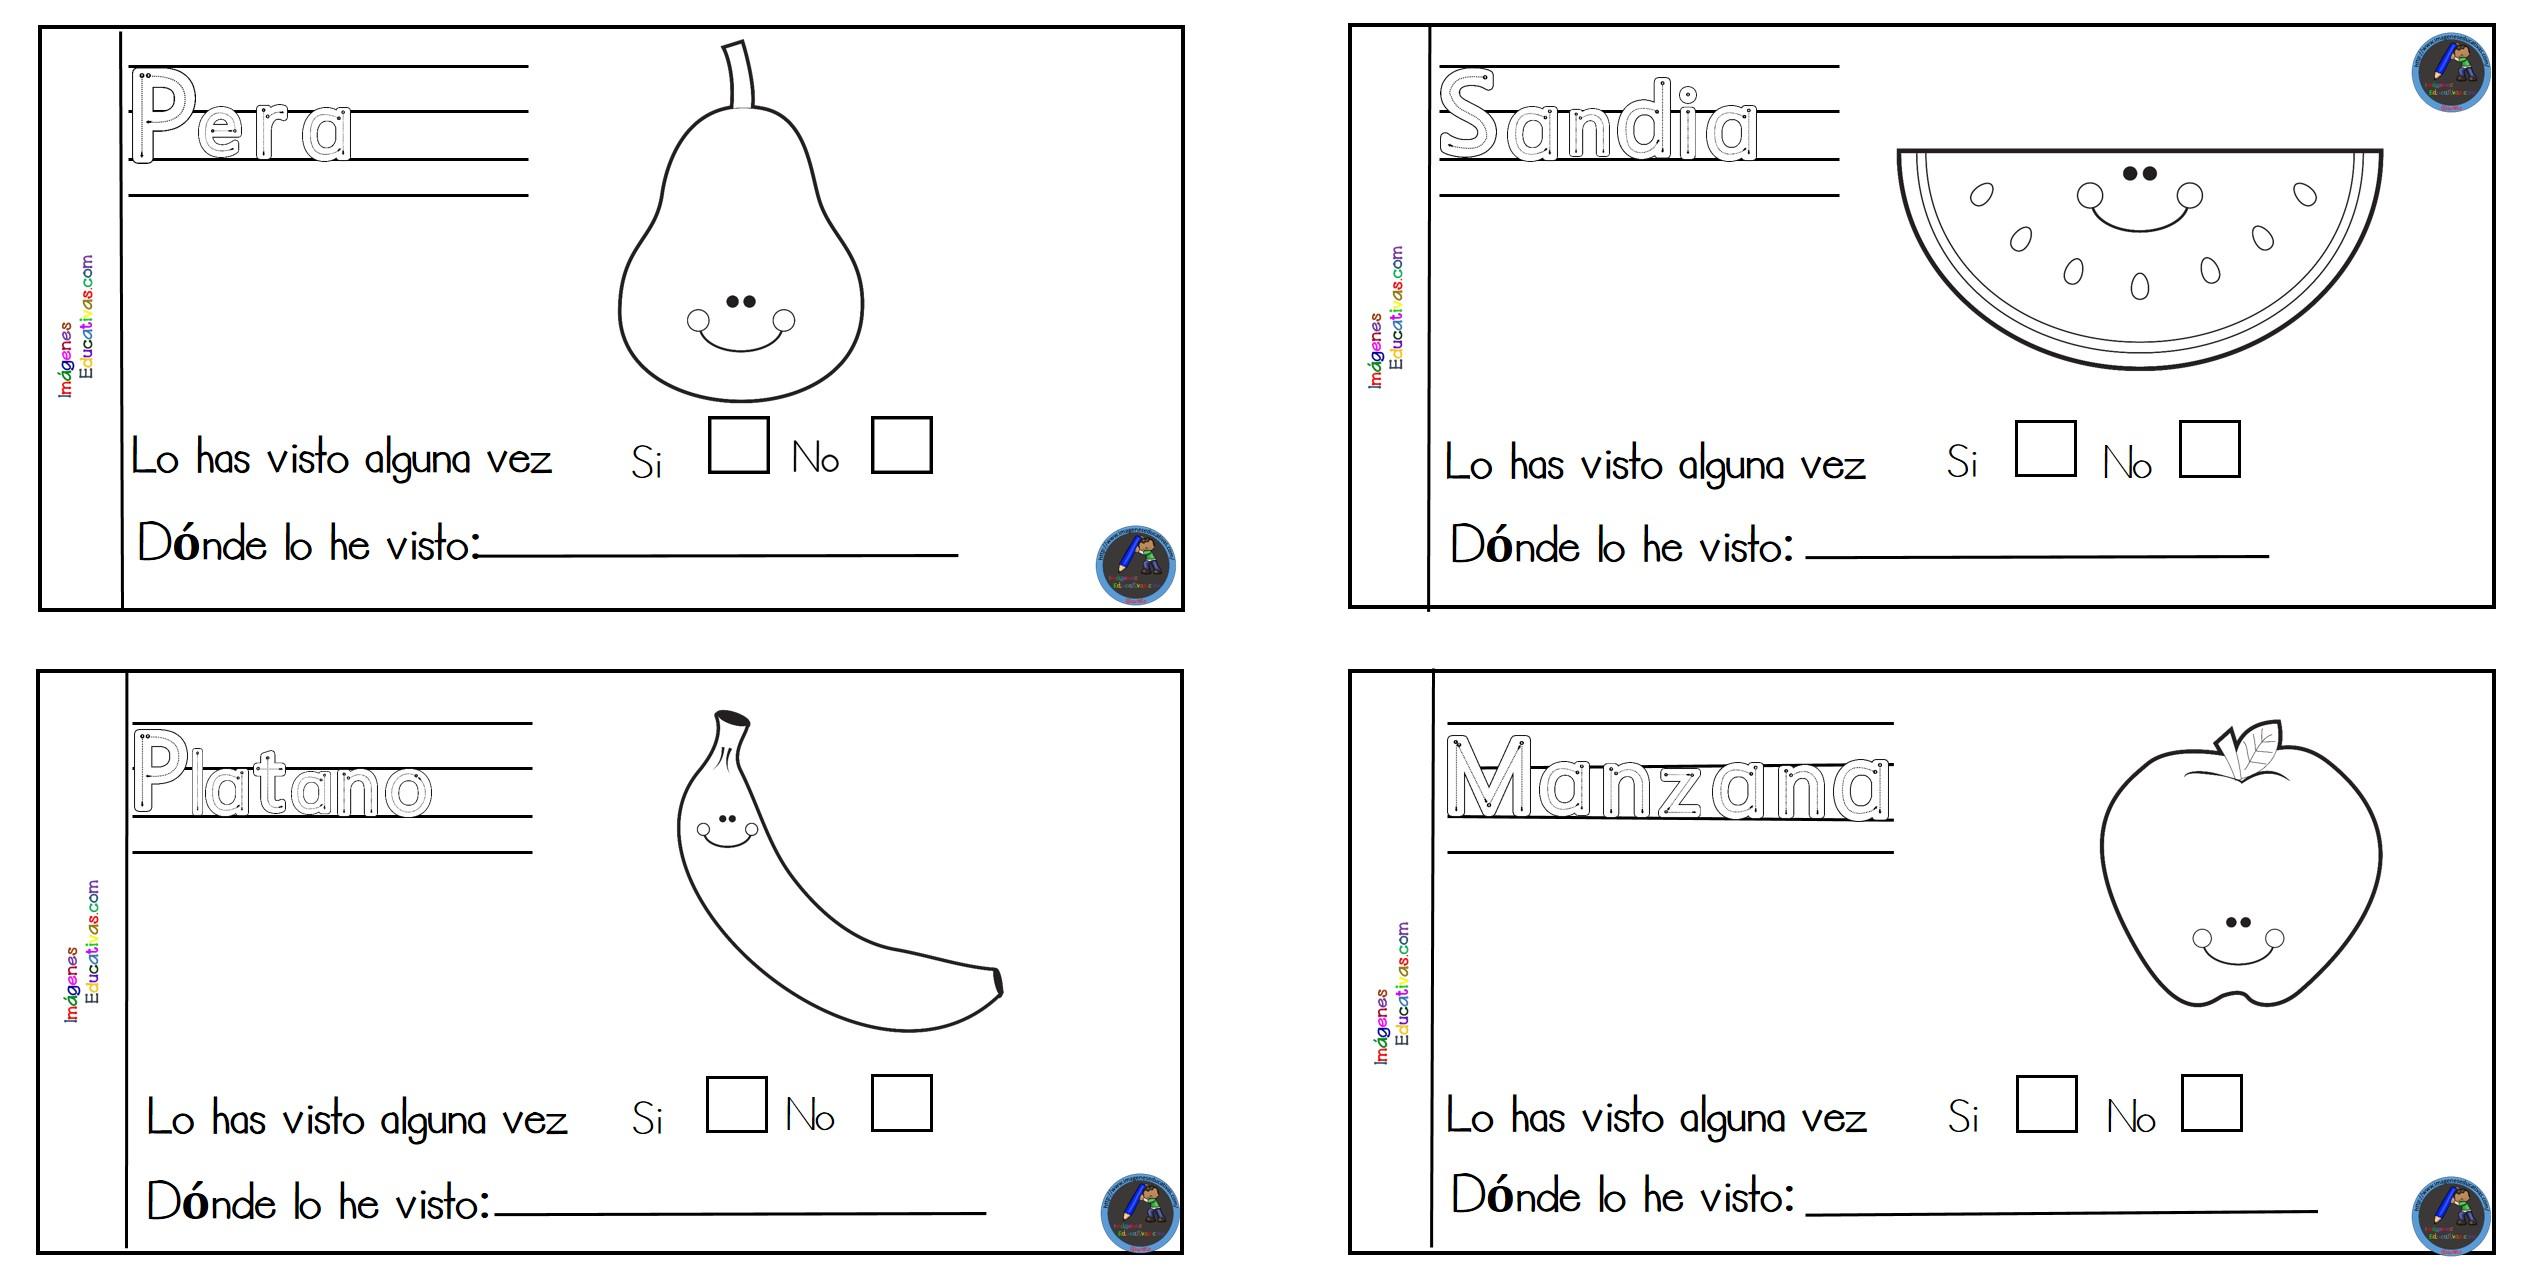 MINI CUADERNO para colorear frutas y verduras (3) - Imagenes Educativas